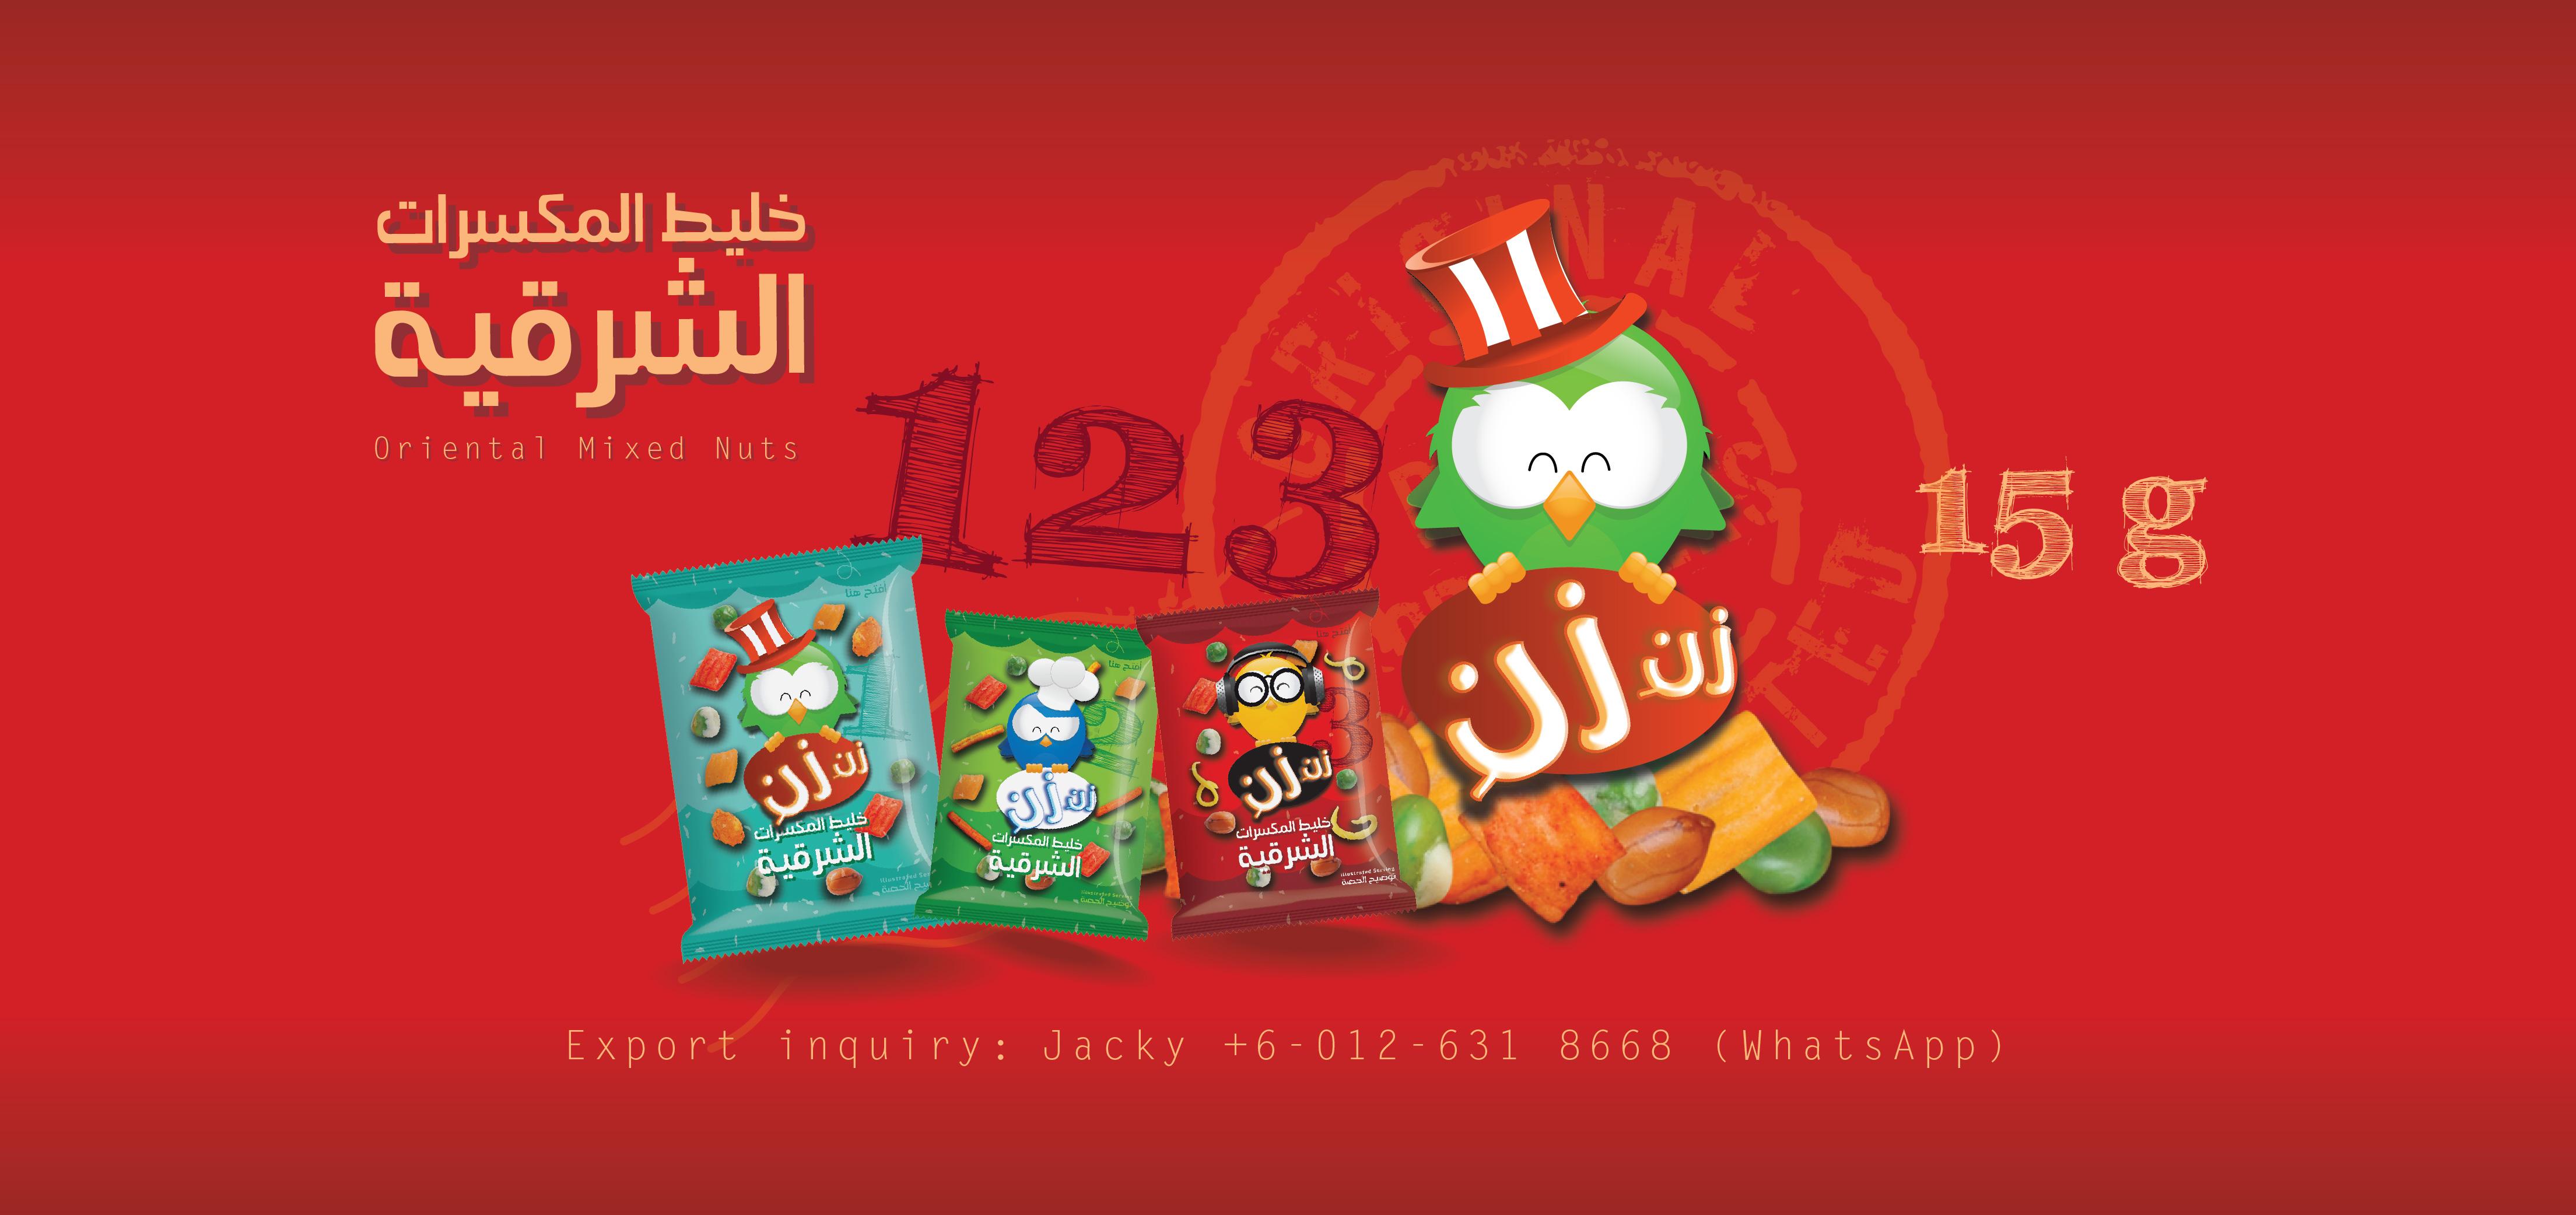 Juta Food | The Leading Peanuts & Snacks Manufacturer